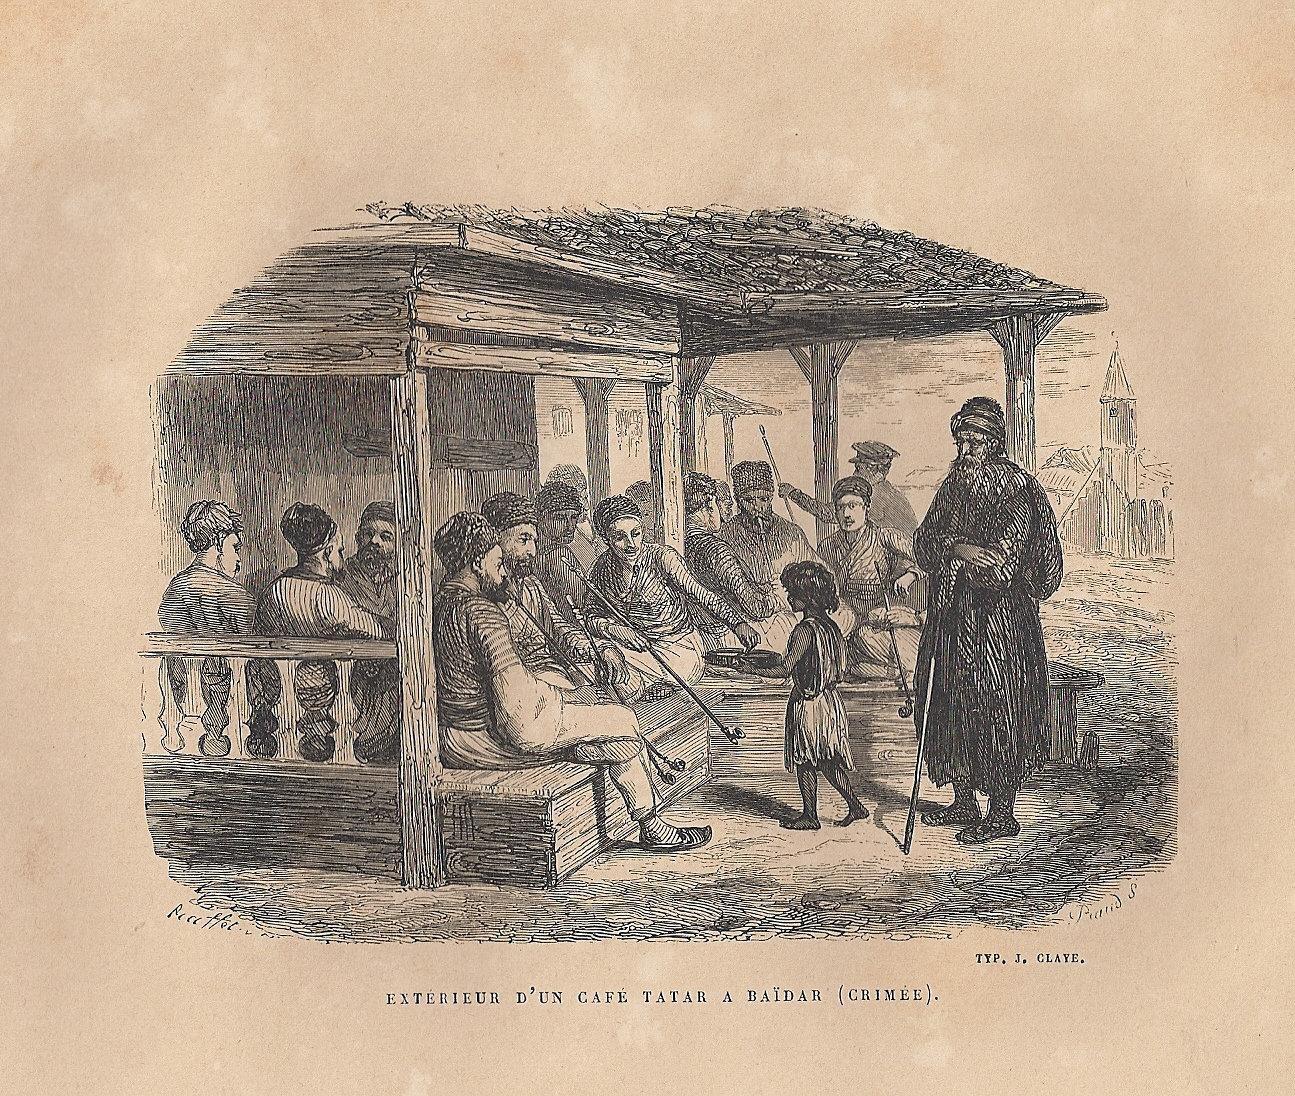 krymskotatarskaya-kofejnya-v-bajdarah-illyustratsiya-iz-kollektsii-britanskoj-biblioteki-2